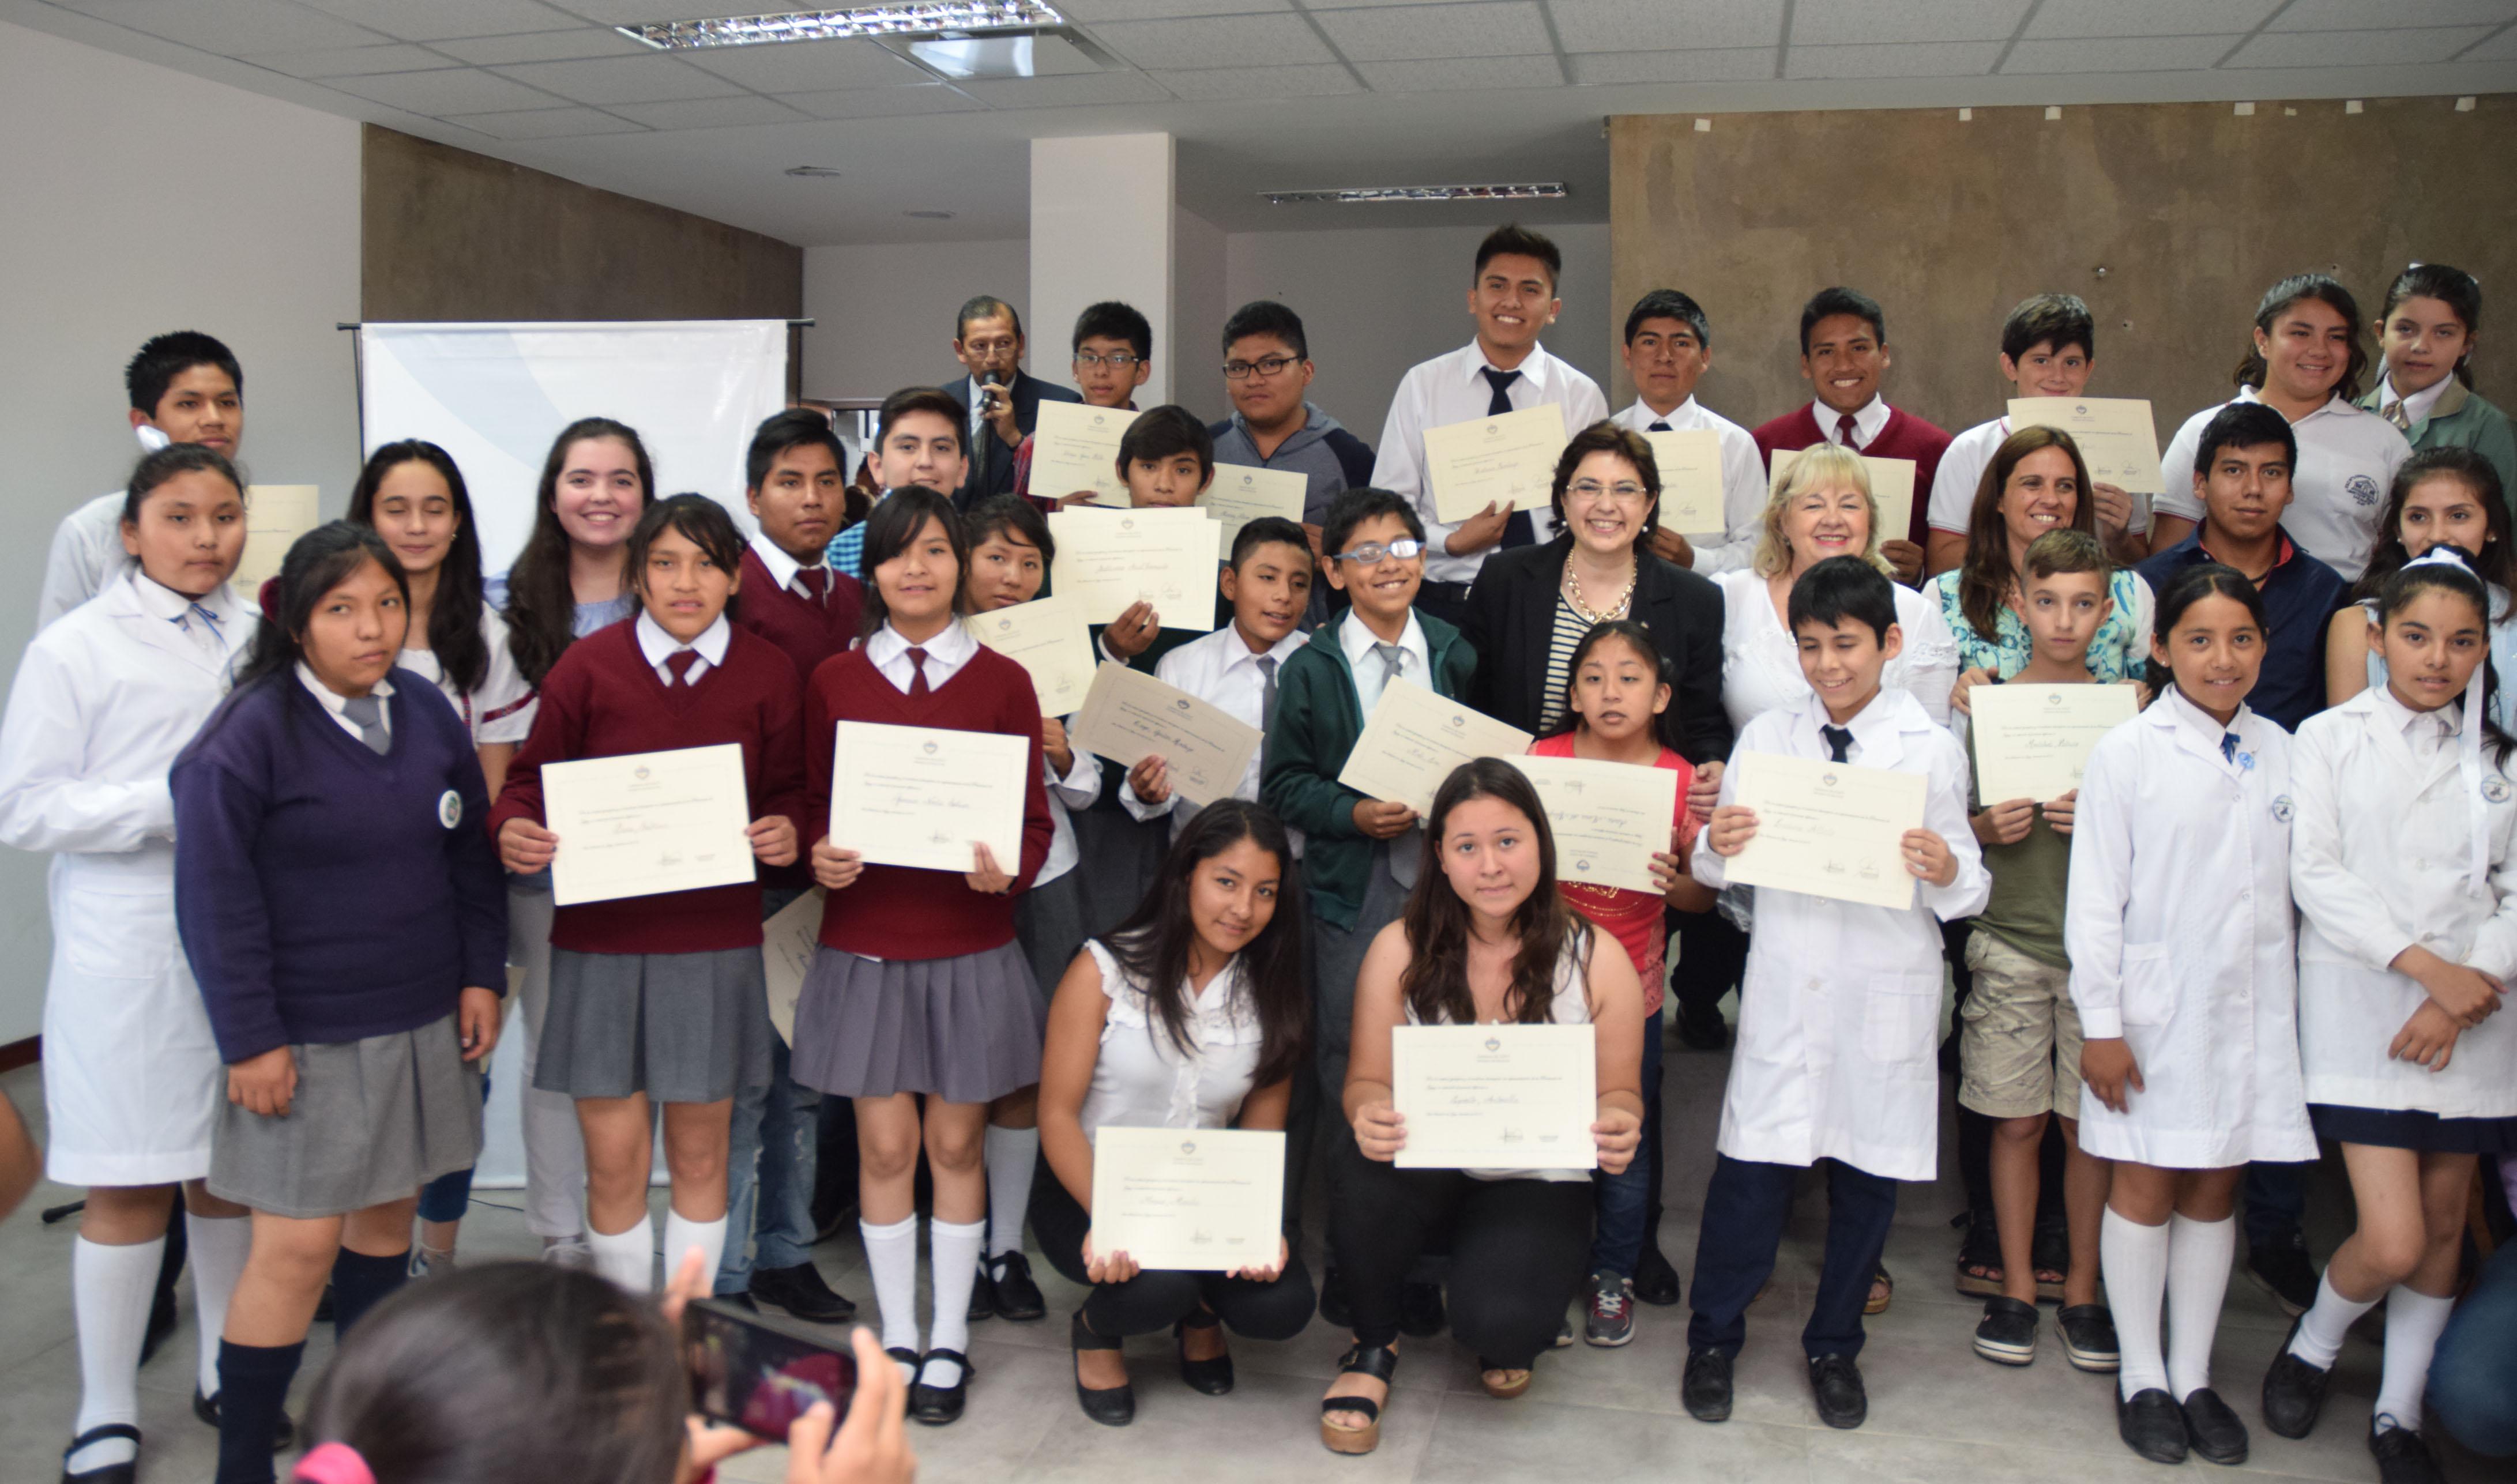 Estudiantes jujeños recibieron un reconocimiento nacional por sus logros